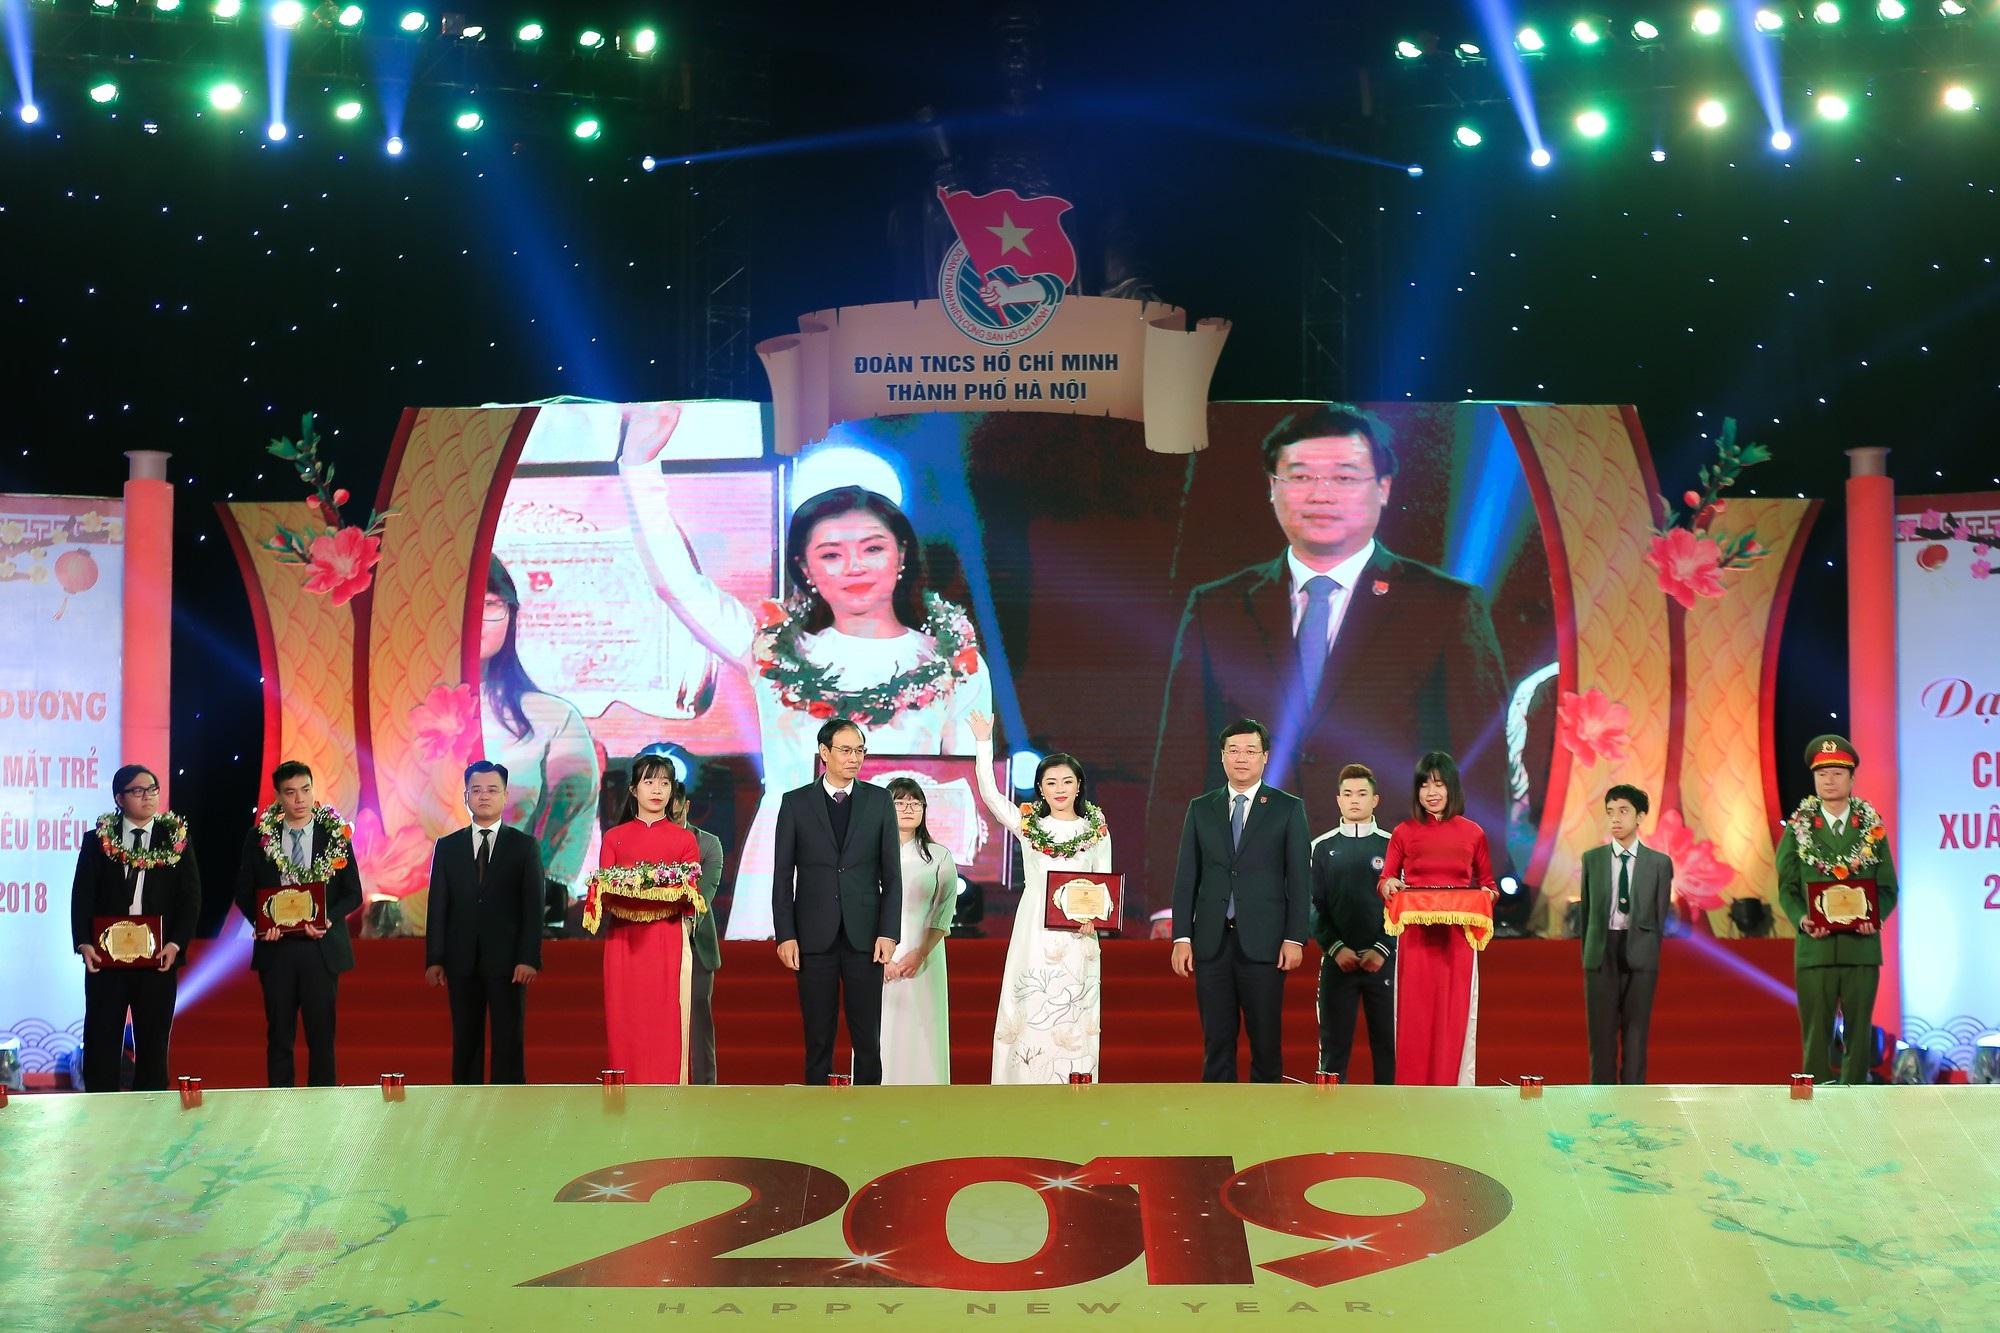 Nguyễn Thu Hằng cùng Quang Hải lọt top 10 gương mặt trẻ tiêu biểu Thủ đô 2018 - Ảnh 5.